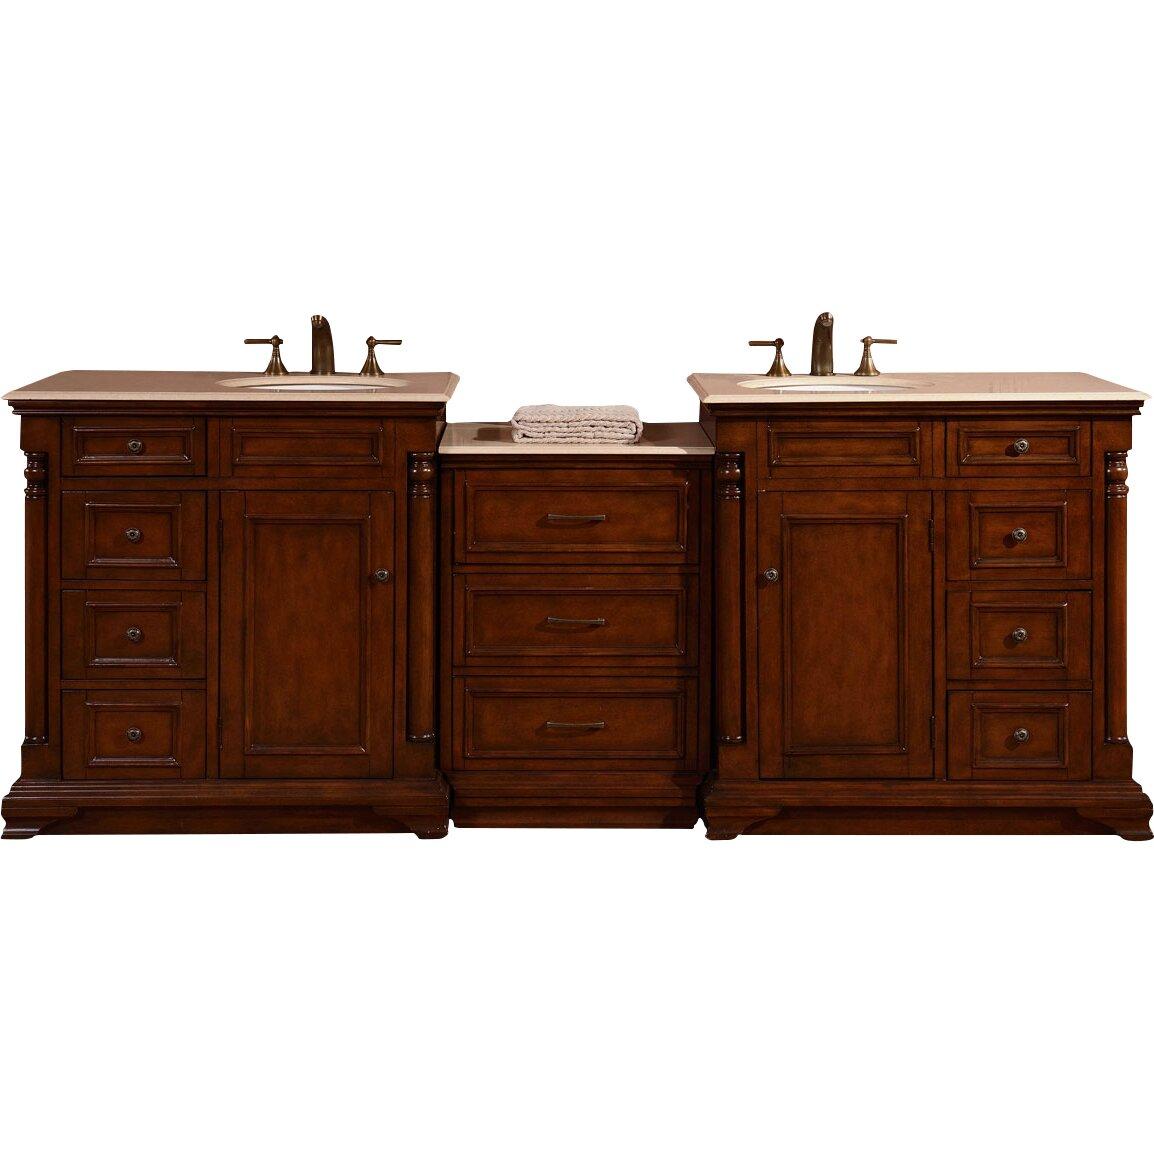 Silkroad Exclusive 92 5 Double Lavatory Sink Cabinet Bathroom Vanity Set Reviews Wayfair